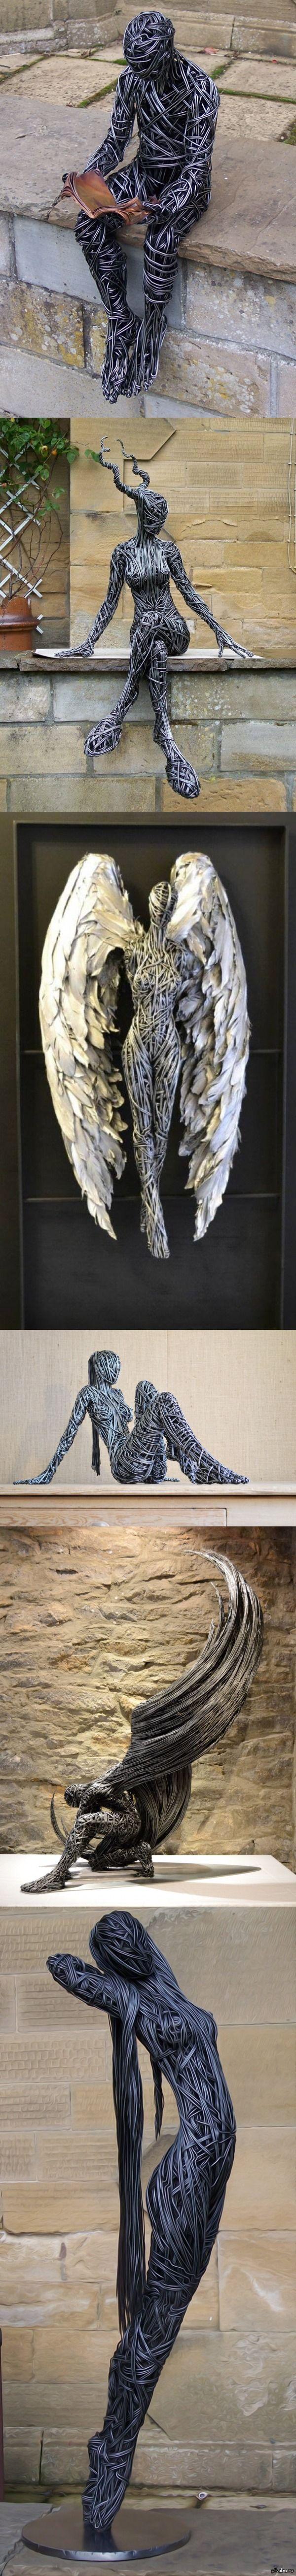 """""""Потрясающие металлические скульптуры от Richard Stainhorp""""   фото, скульптура, металл, Richard Stainhorp, Интересное, длиннопост"""